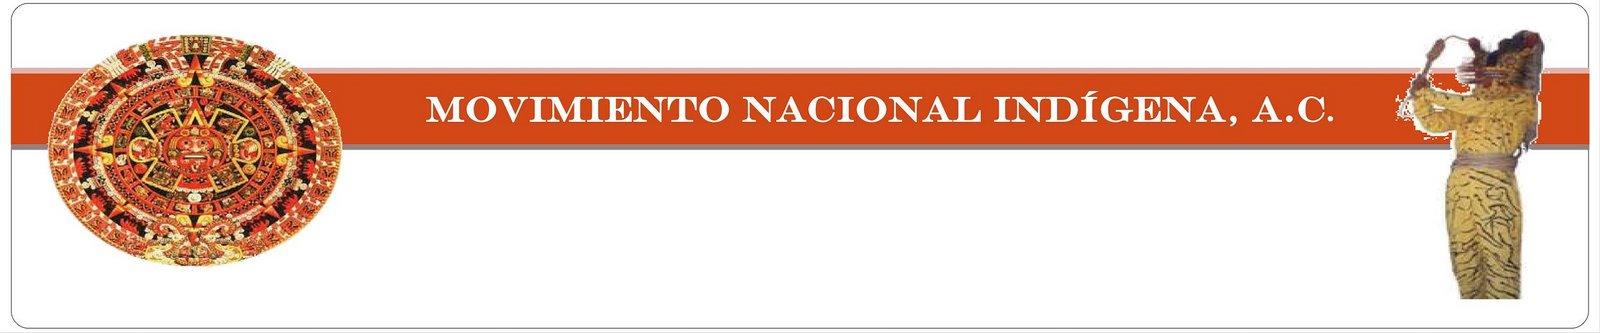 Movimiento Nacional Indigena A.C.